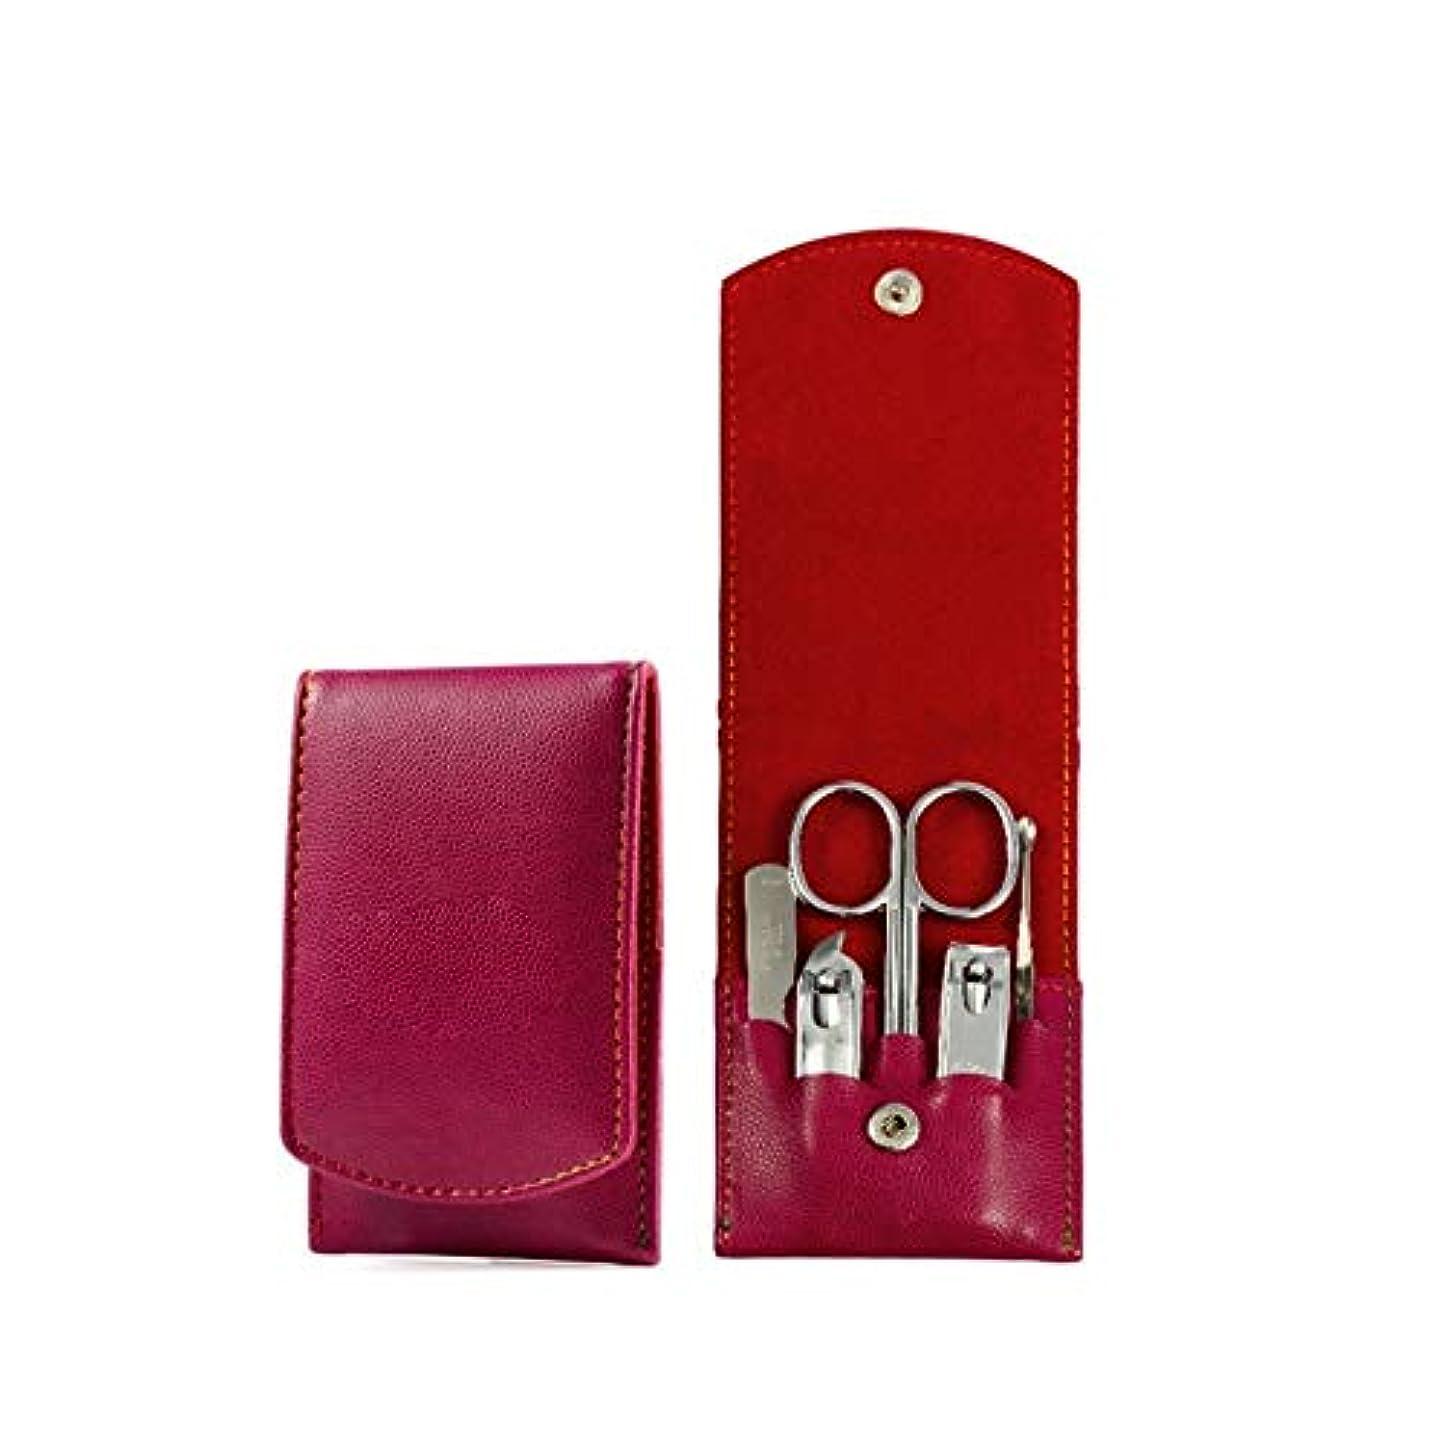 したがってダニ誇りに思うTUOFL リペアコンビネーションマニキュアと美容ツール5セット、大型機能アクセサリーセット、シャープで耐久性 (Color : Red)